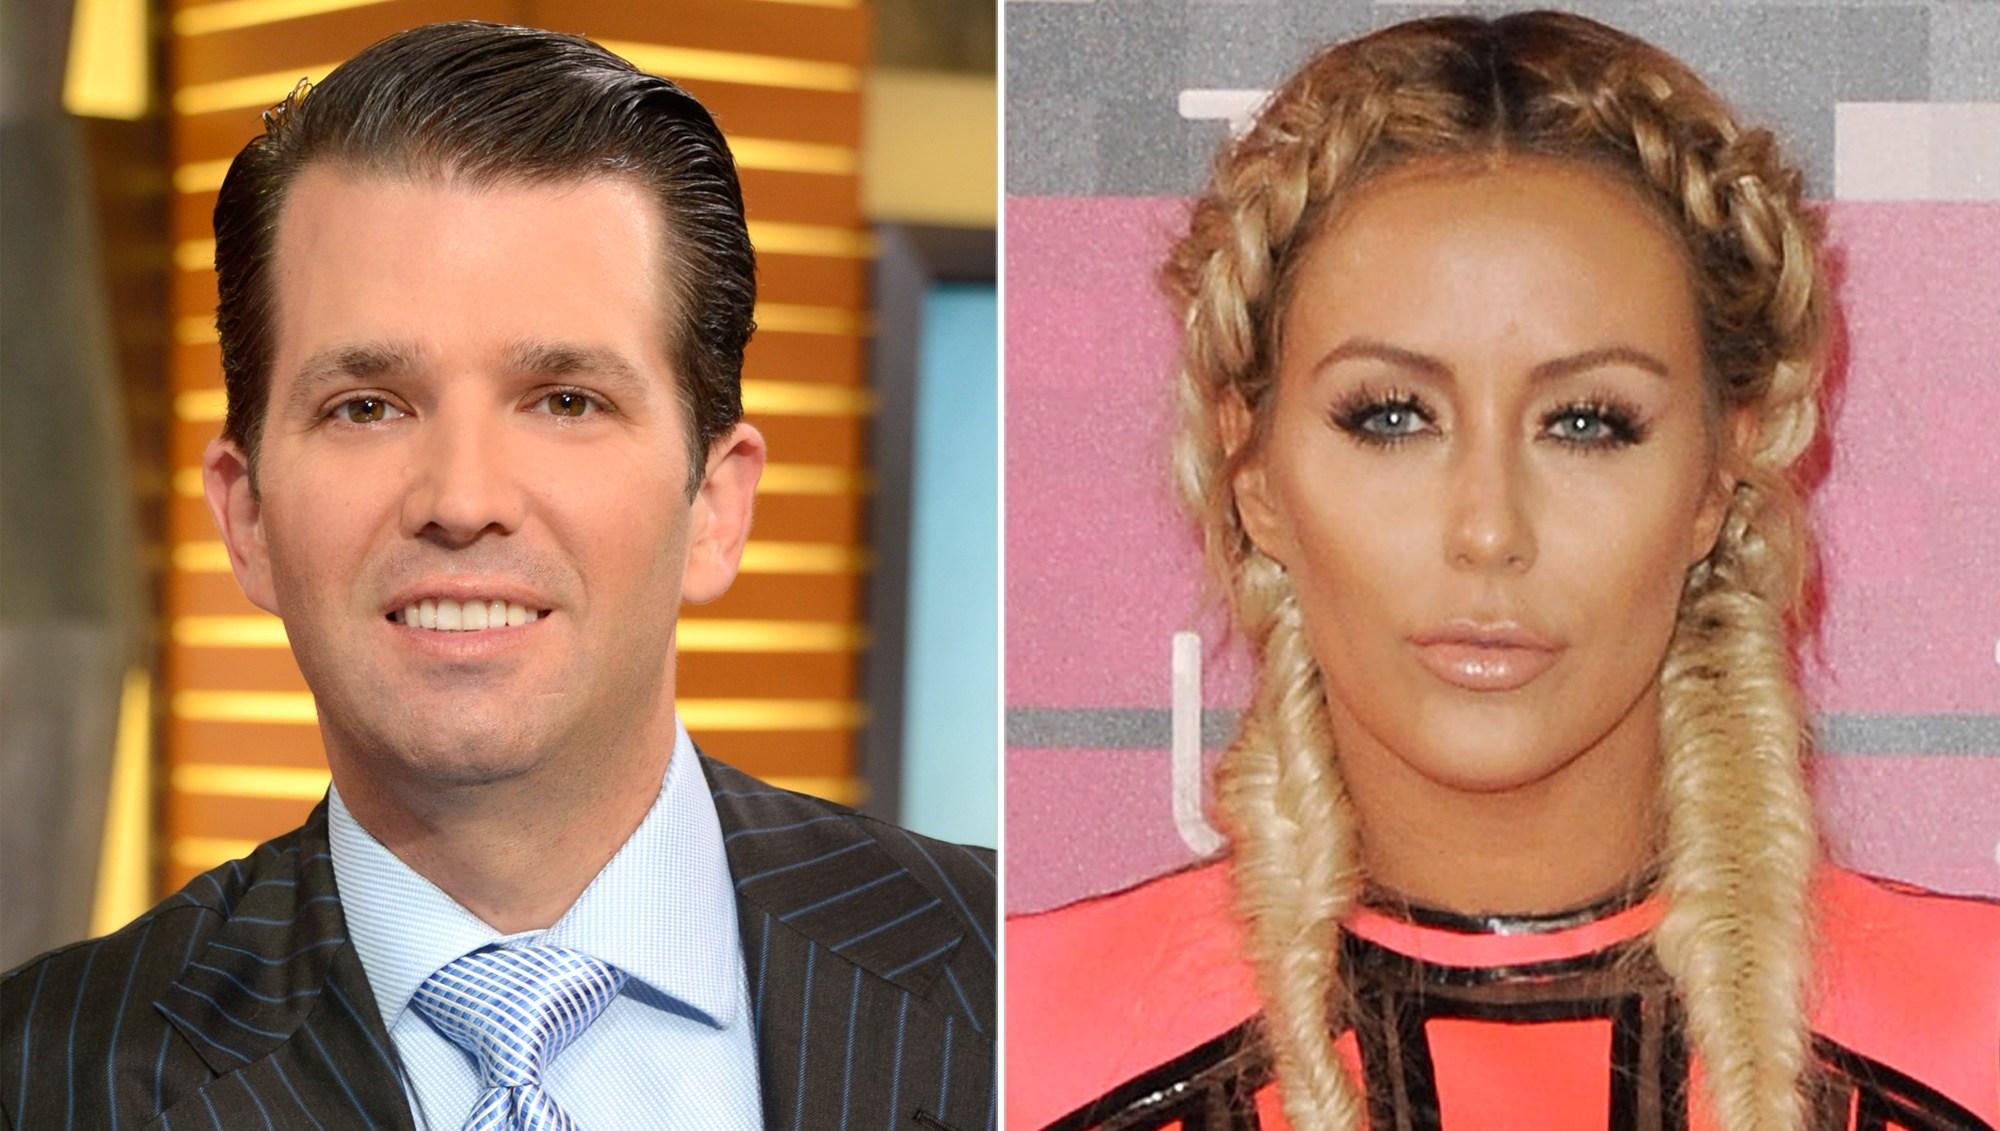 Donald Trump Jr. and Aubrey O'Day affair